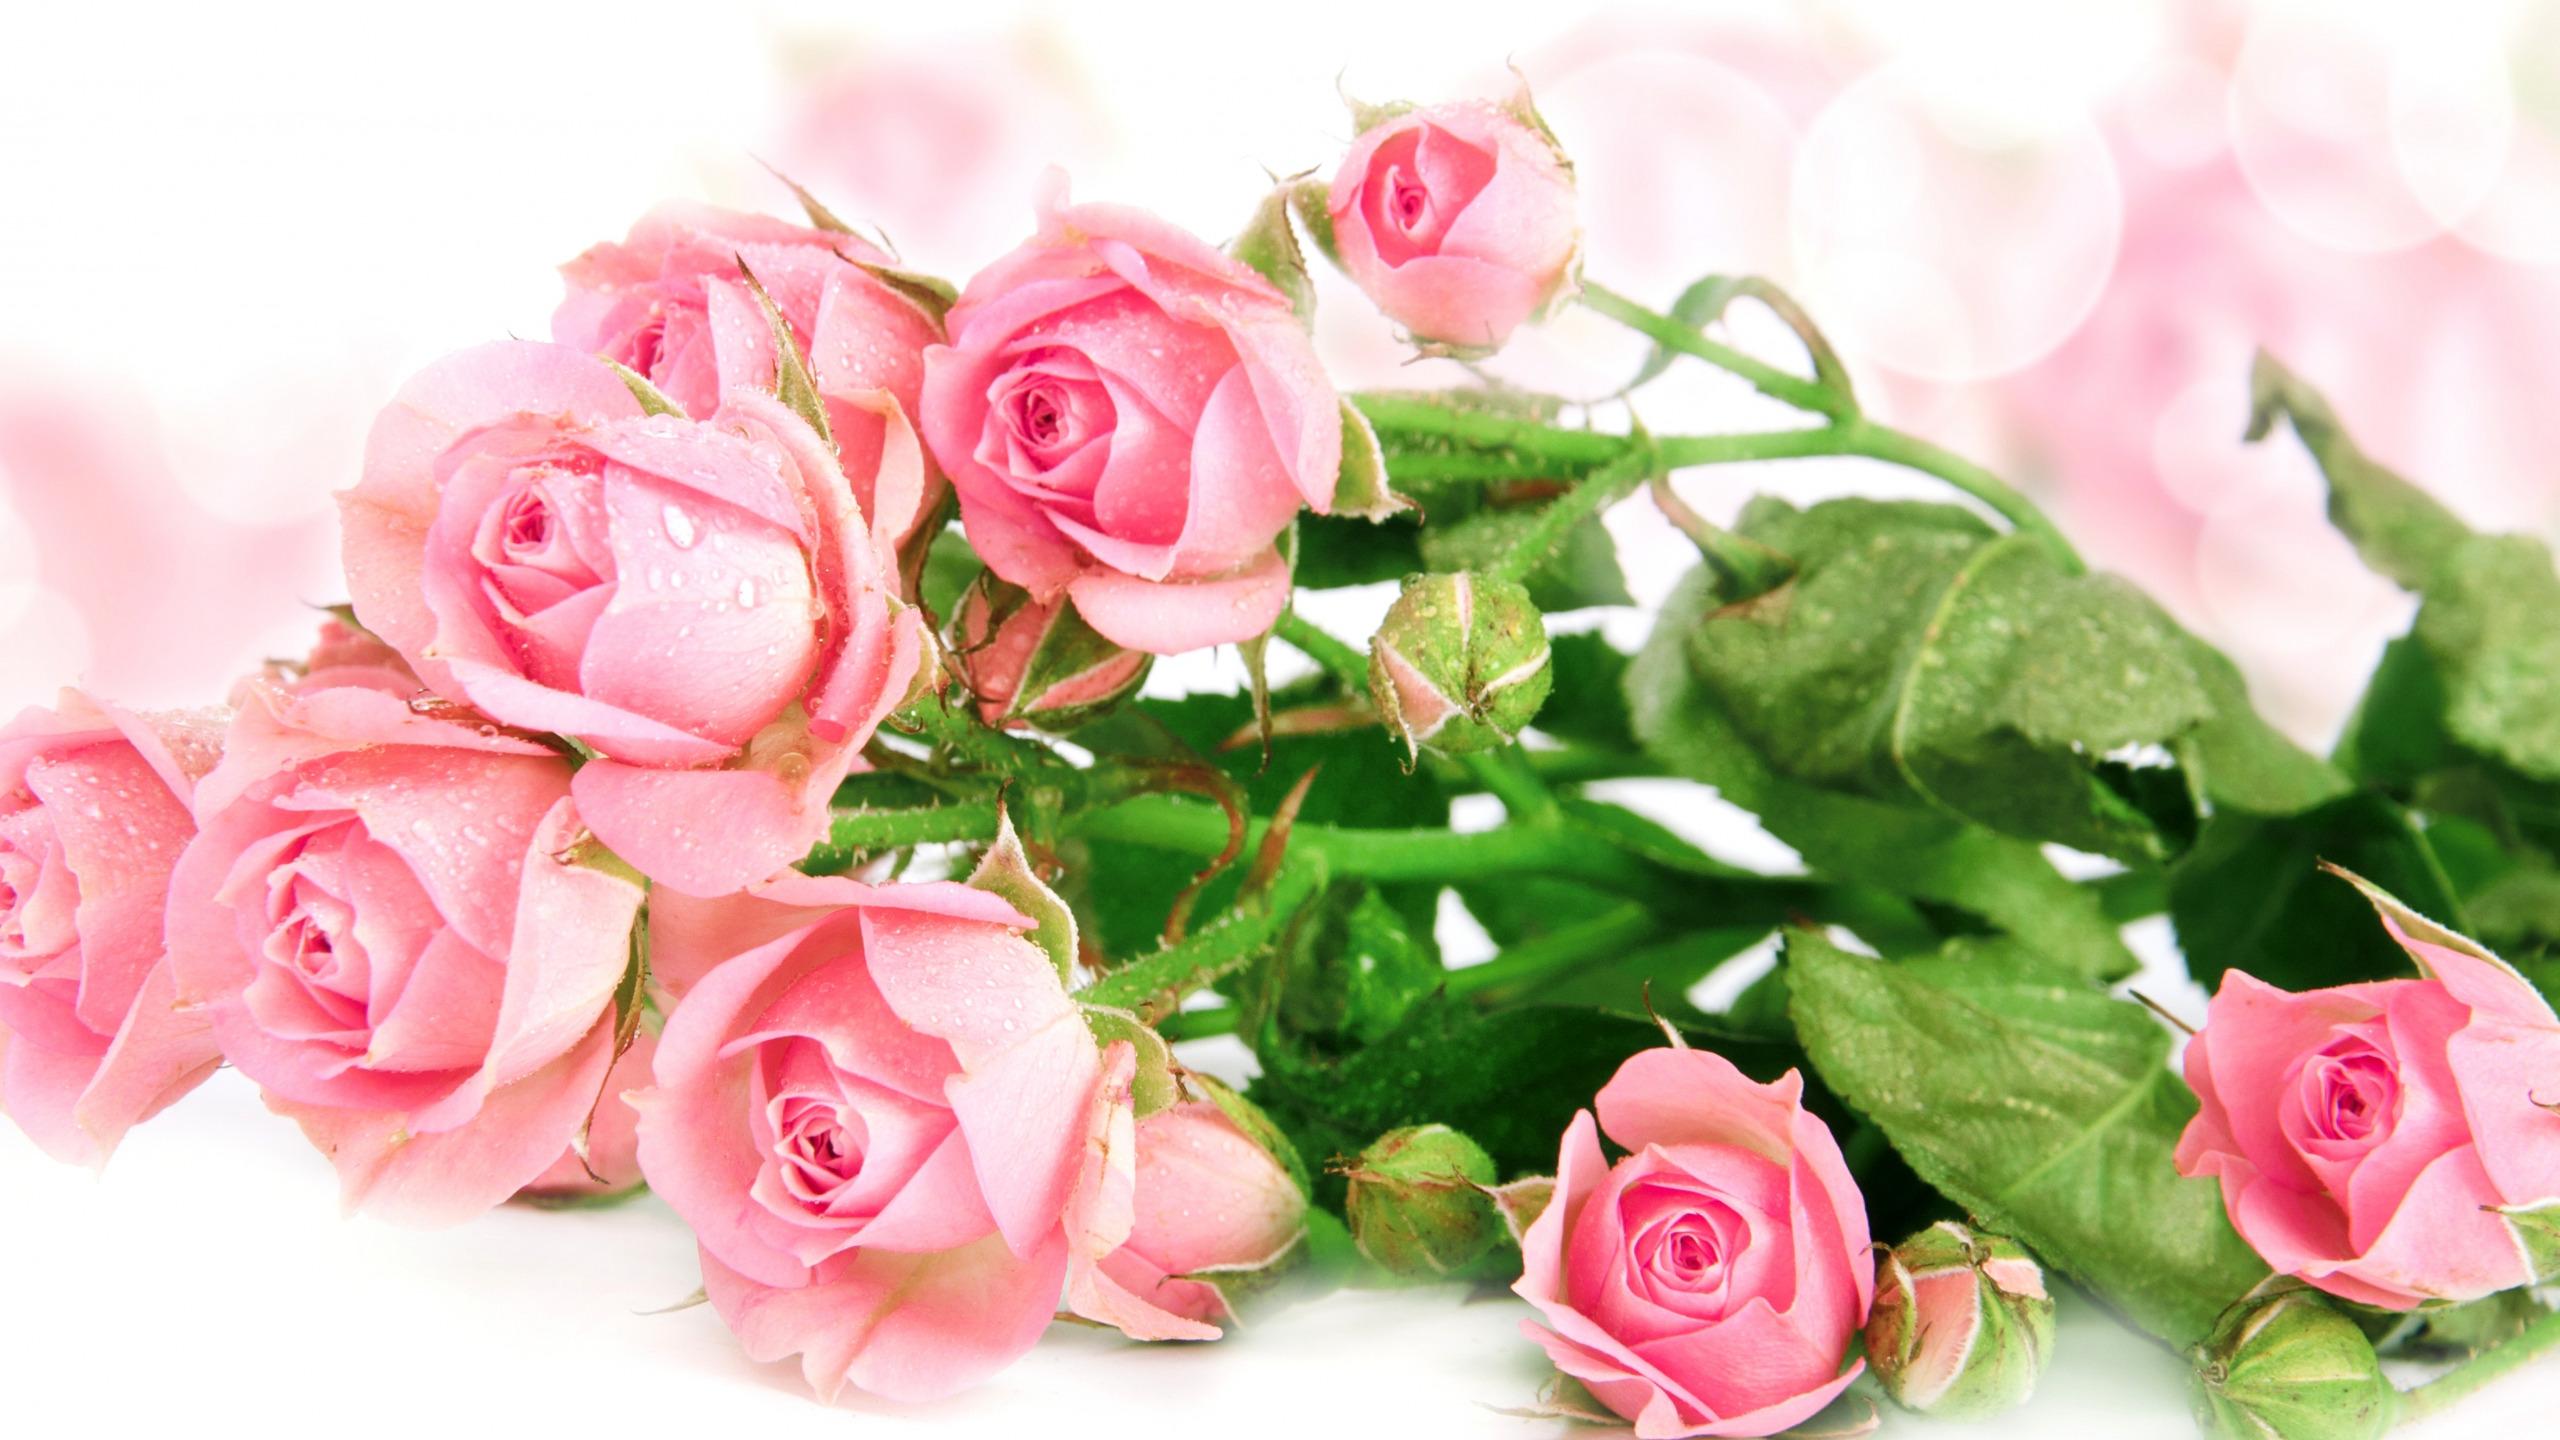 Поздравление цветы на весь экран